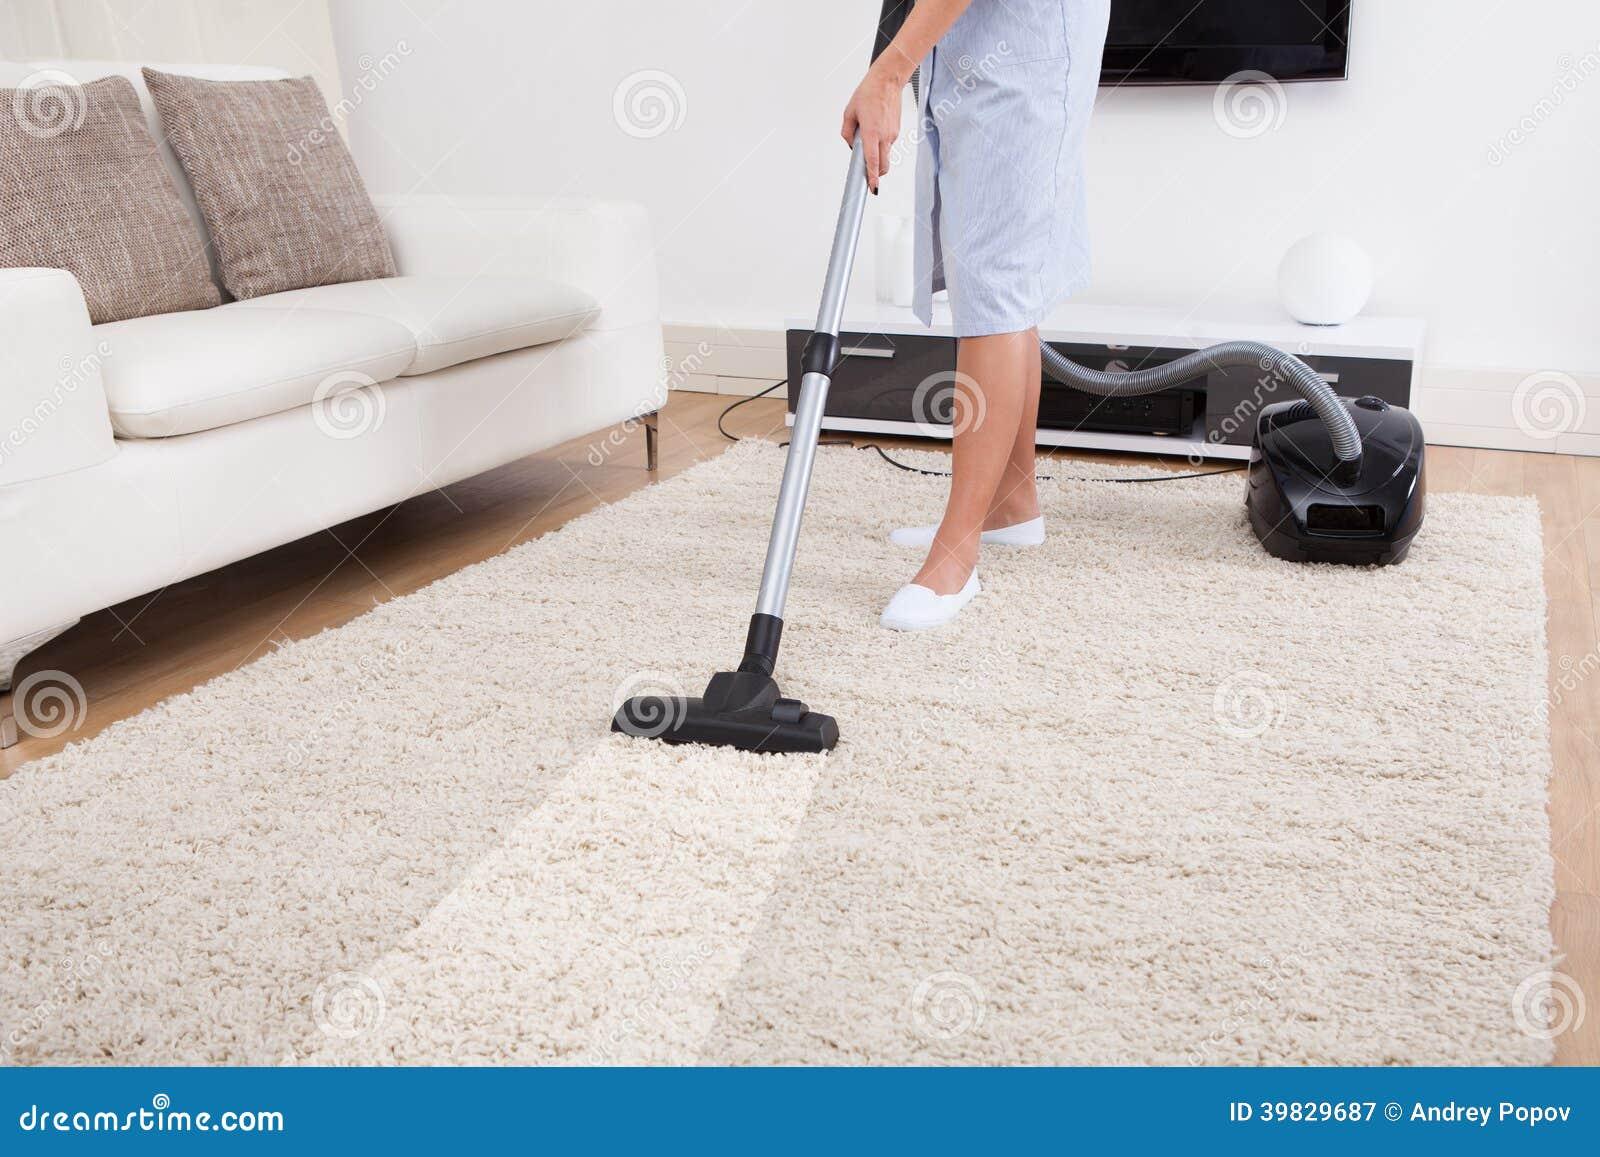 tapis de nettoyage de domestique avec l 39 aspirateur image stock image du m tier fixation 39829687. Black Bedroom Furniture Sets. Home Design Ideas